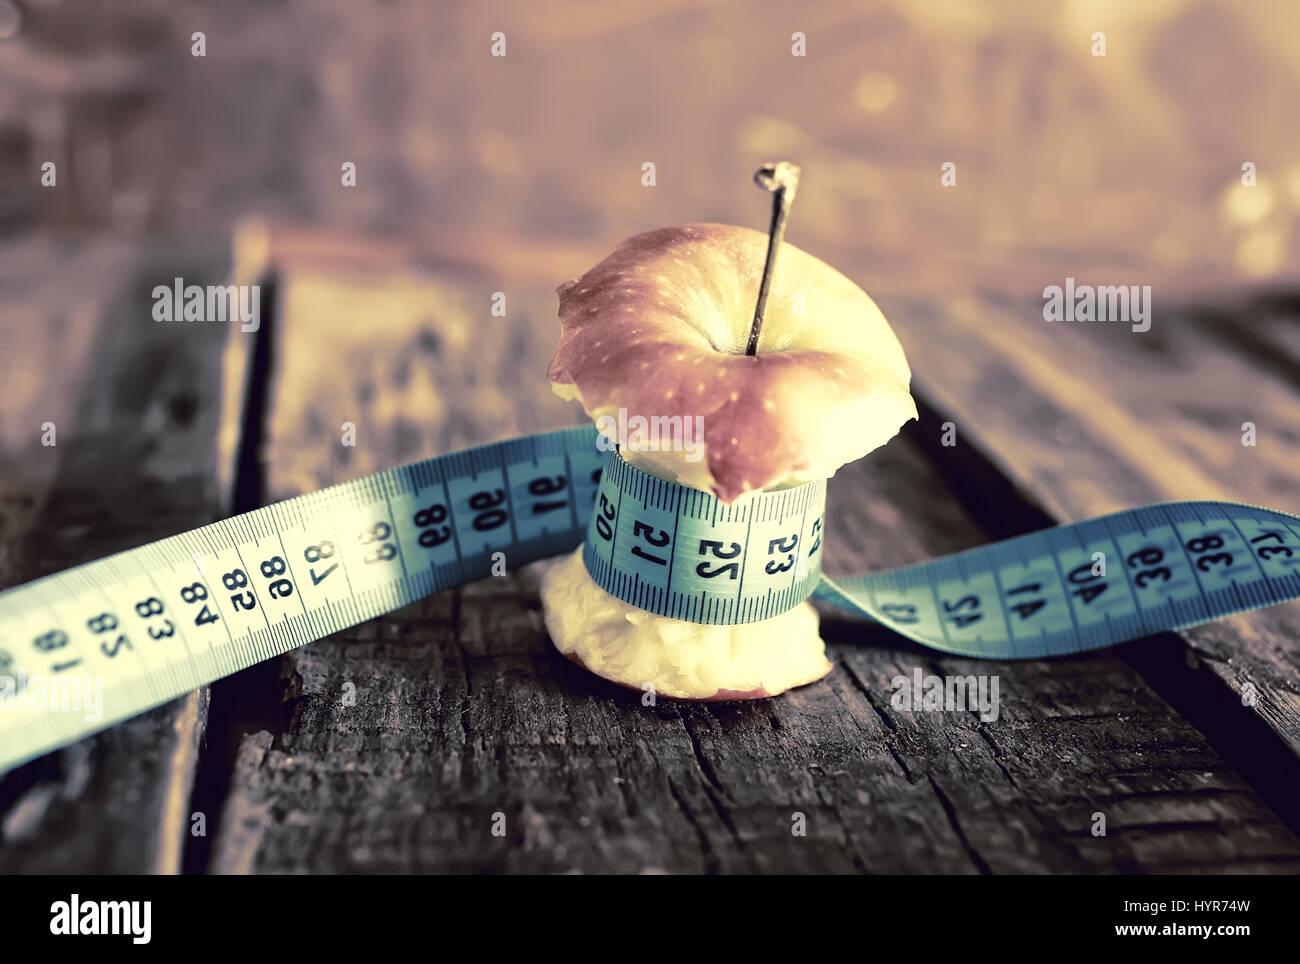 Anorexia delgadez medición de apple Imagen De Stock